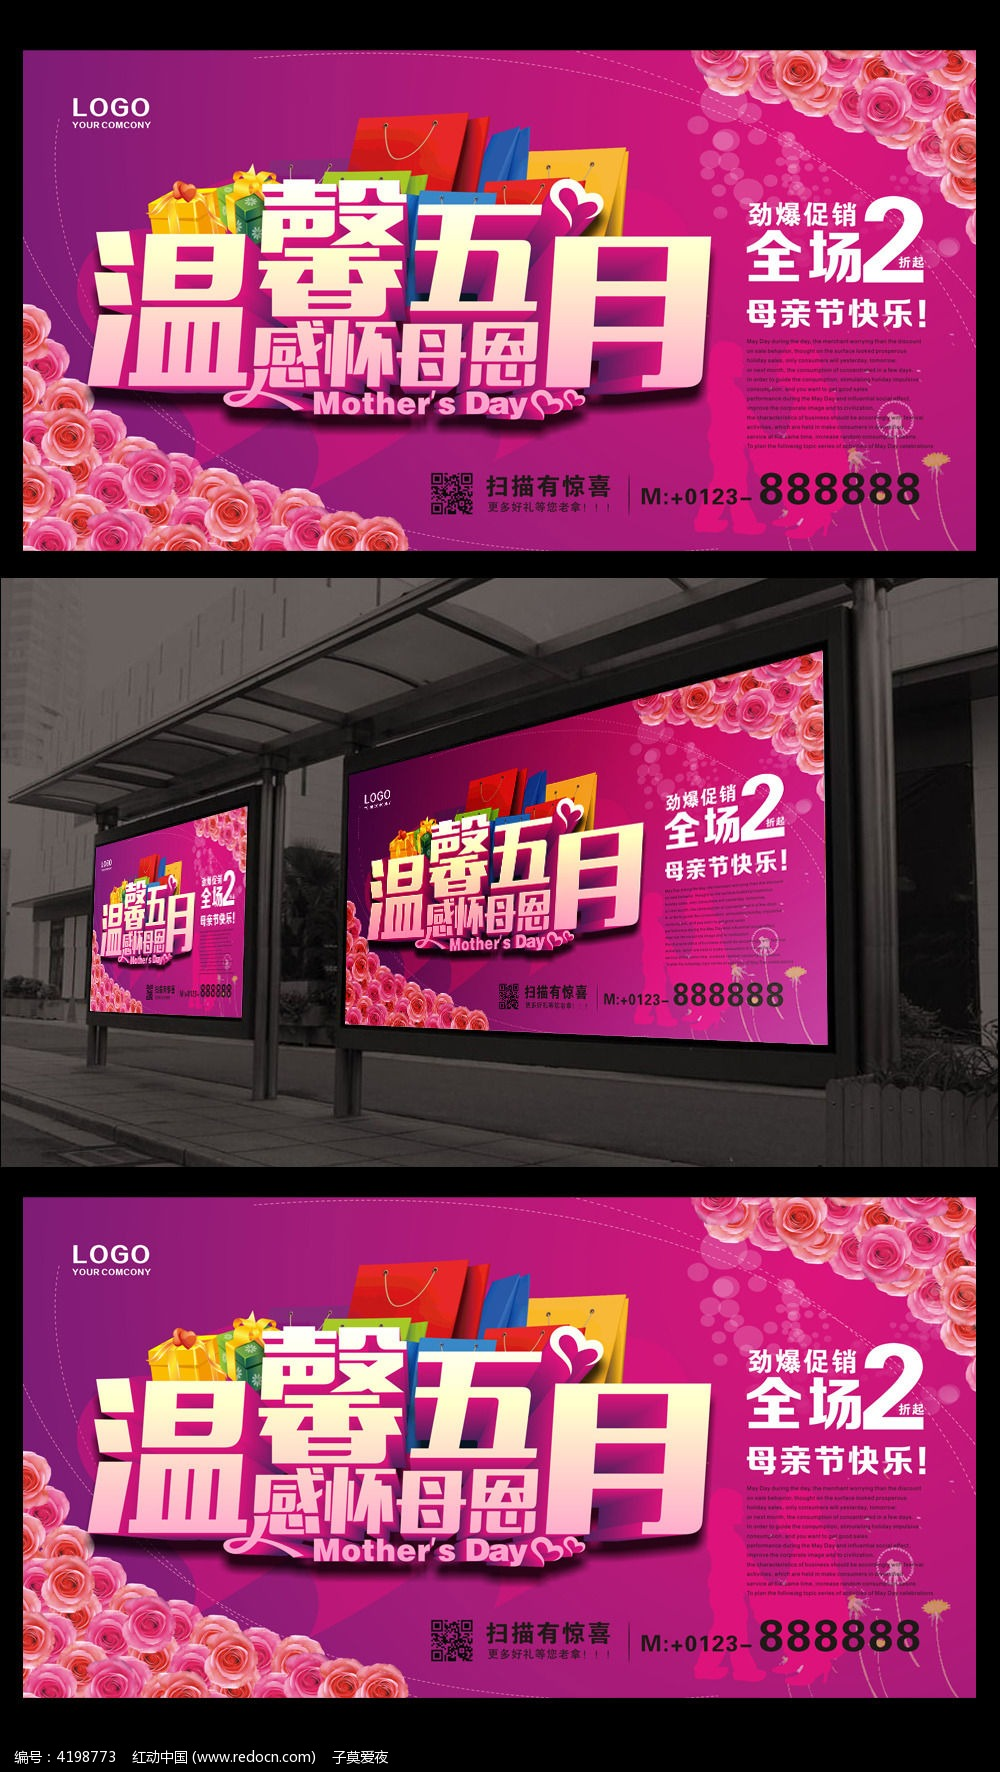 8款 超市母亲节促销海报